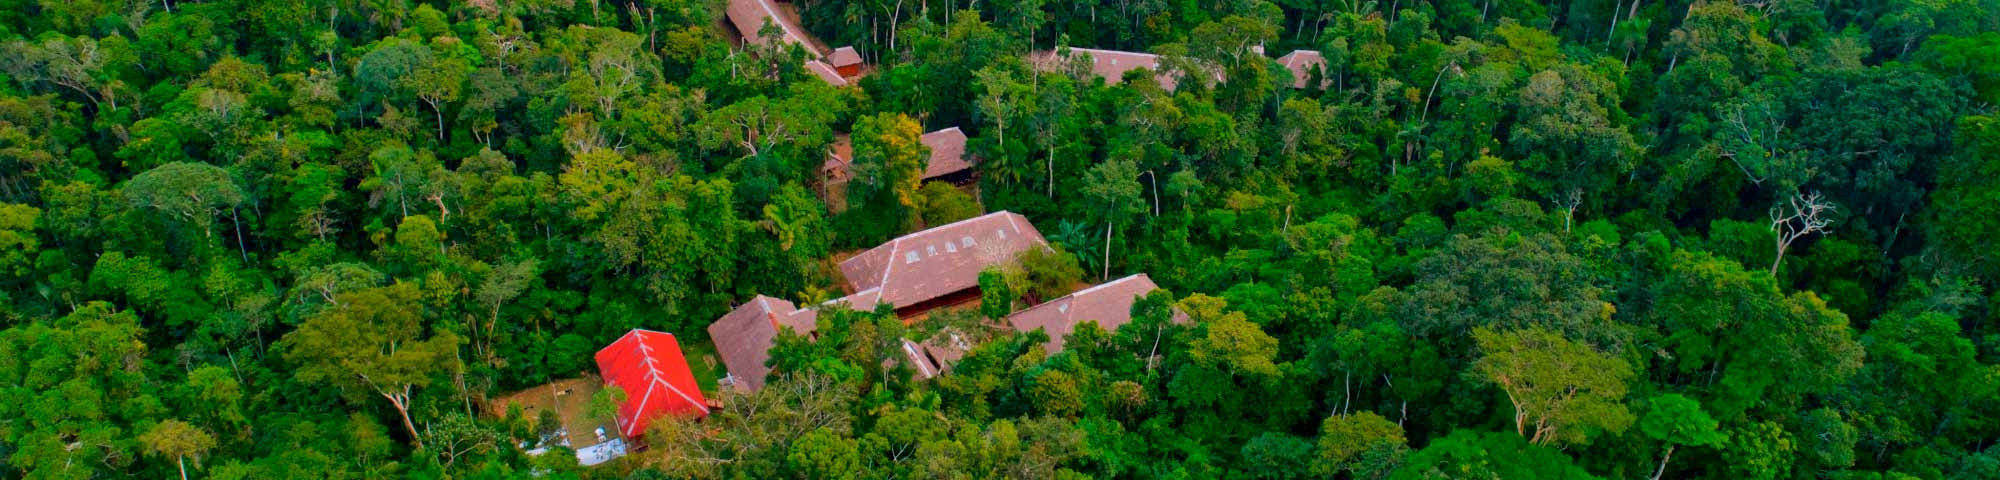 Turismo en áreas naturales protegidas genera más de 40 000 empleos directos